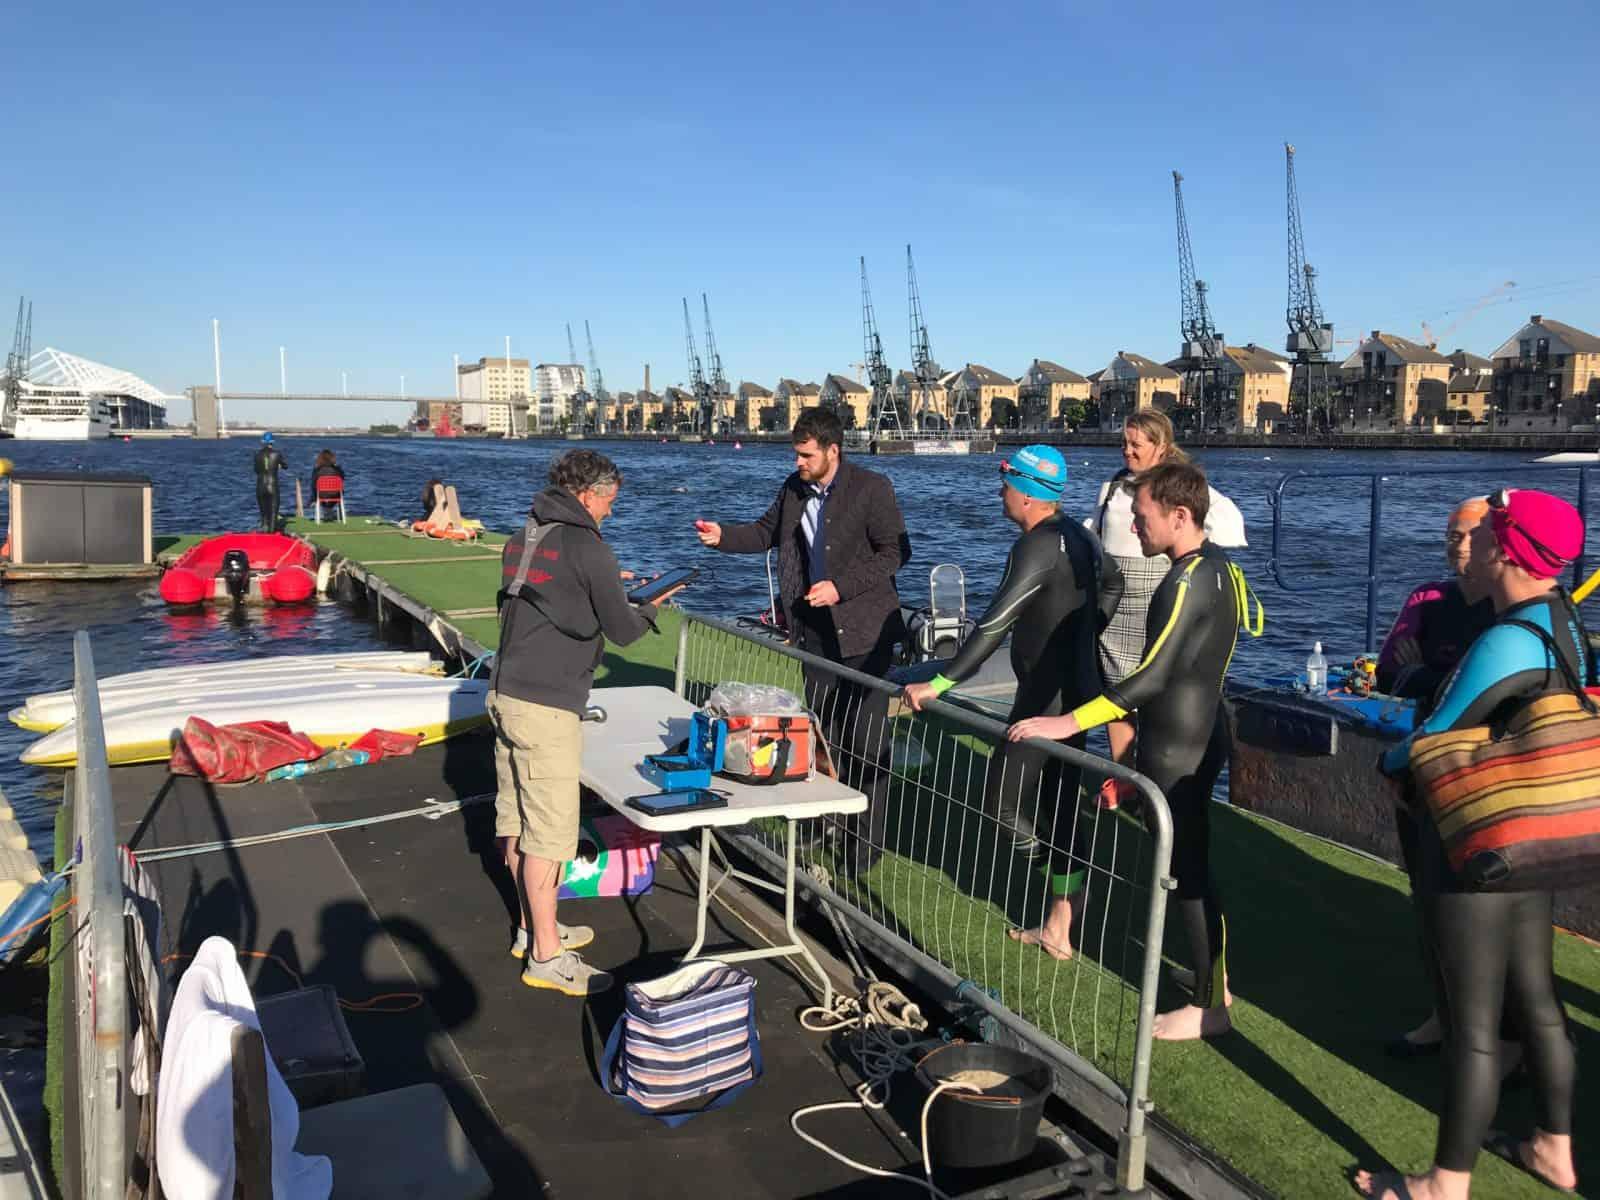 Freunde des Freiwasserschwimmens suchen nach Feierabend die Royal Docks in London auf.